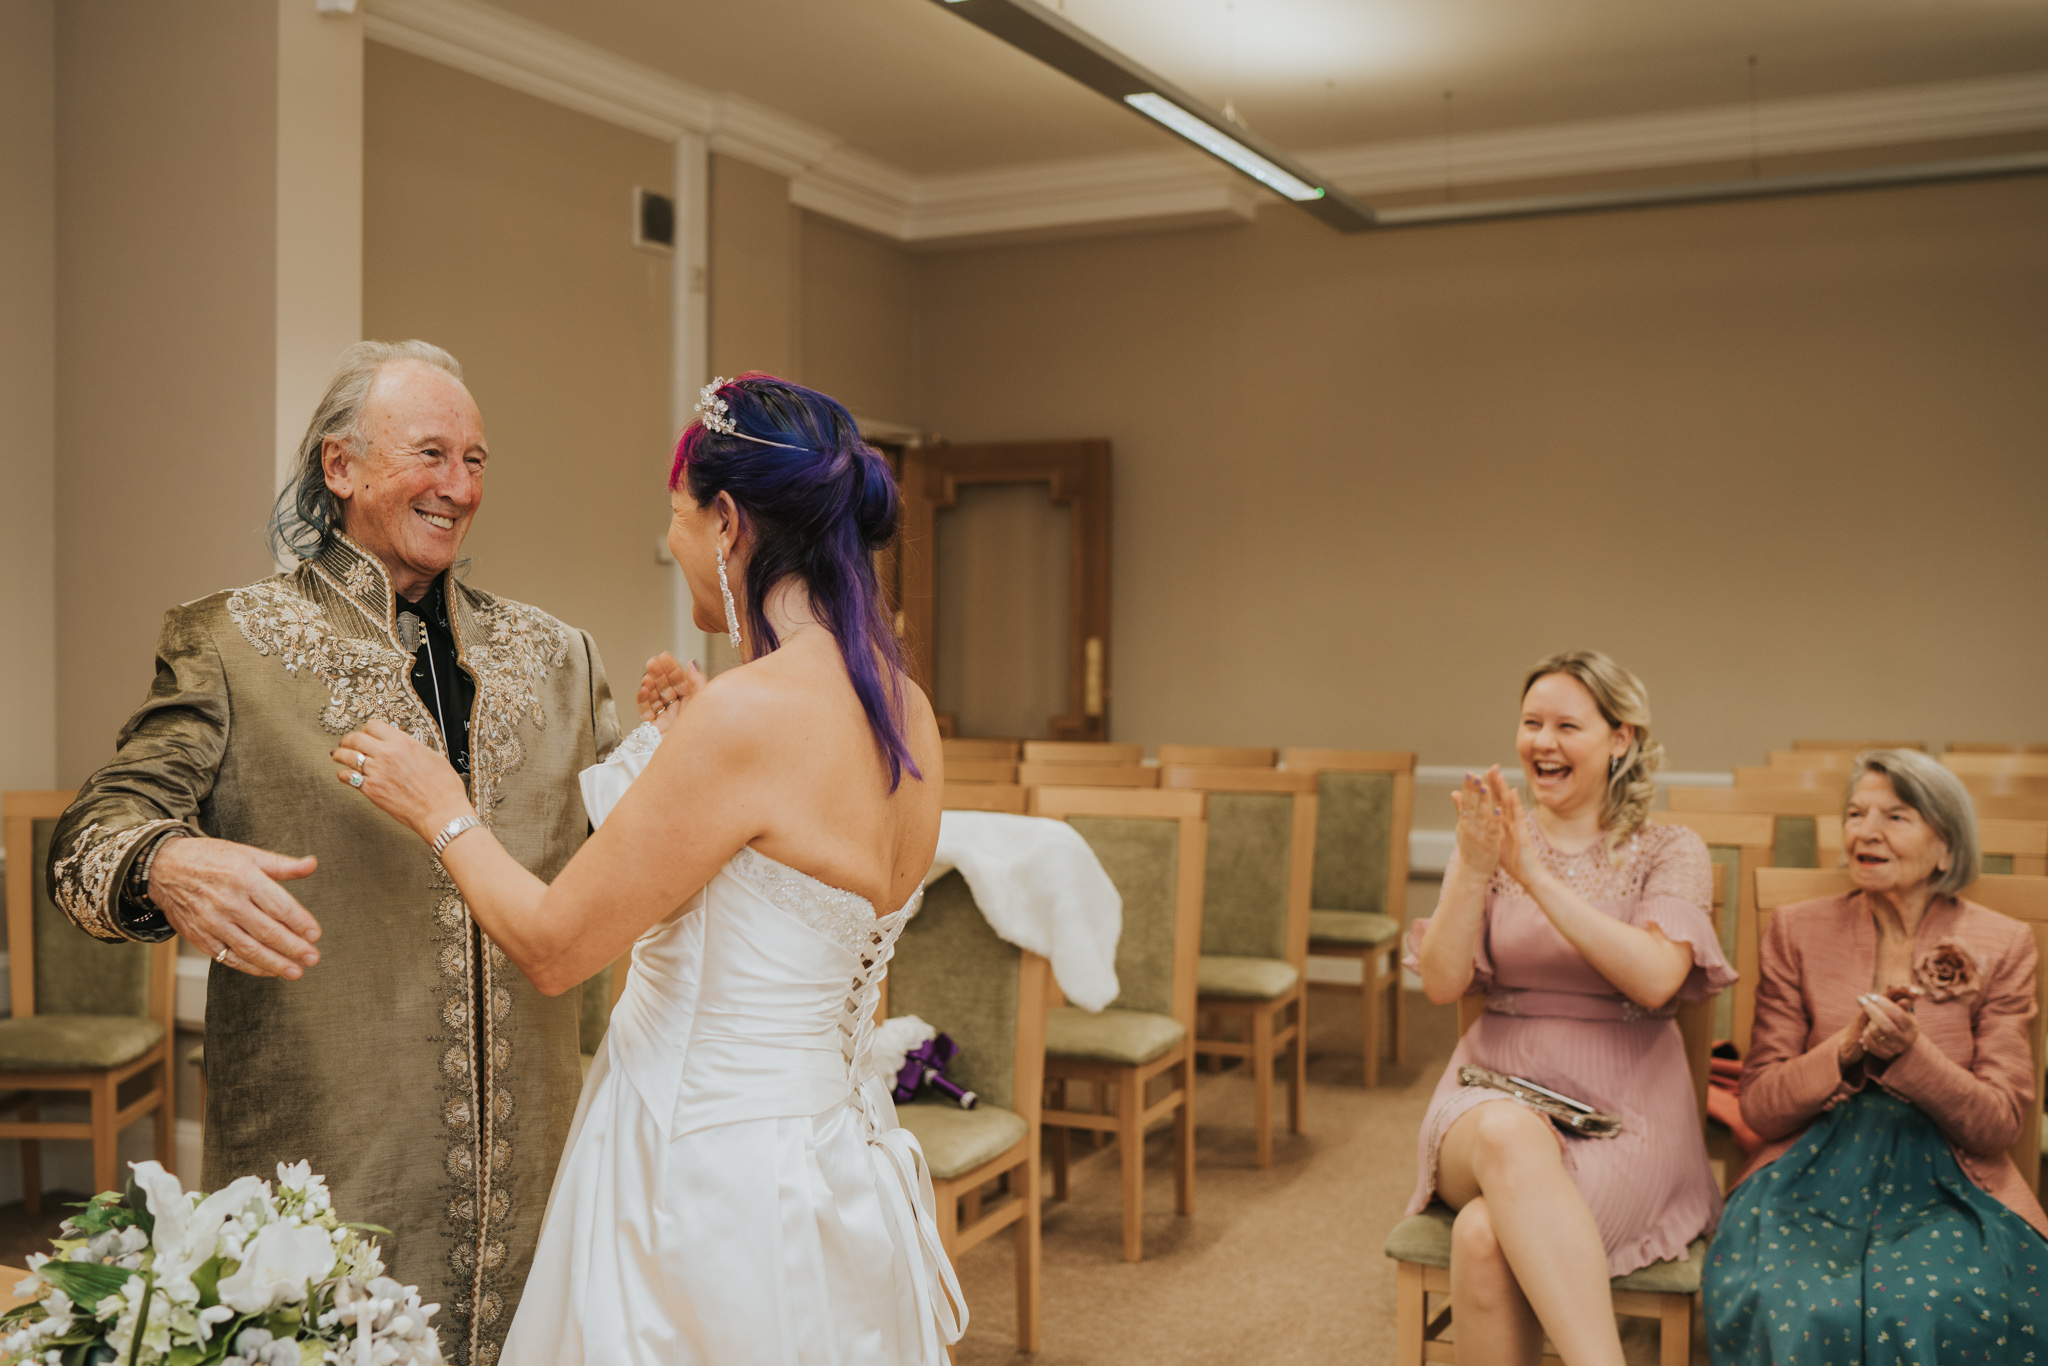 david-kim-elopement-colchester-essex-alternative-wedding-photographer-grace-elizabeth-essex-suffolk-norfolk-devon (18 of 38).jpg